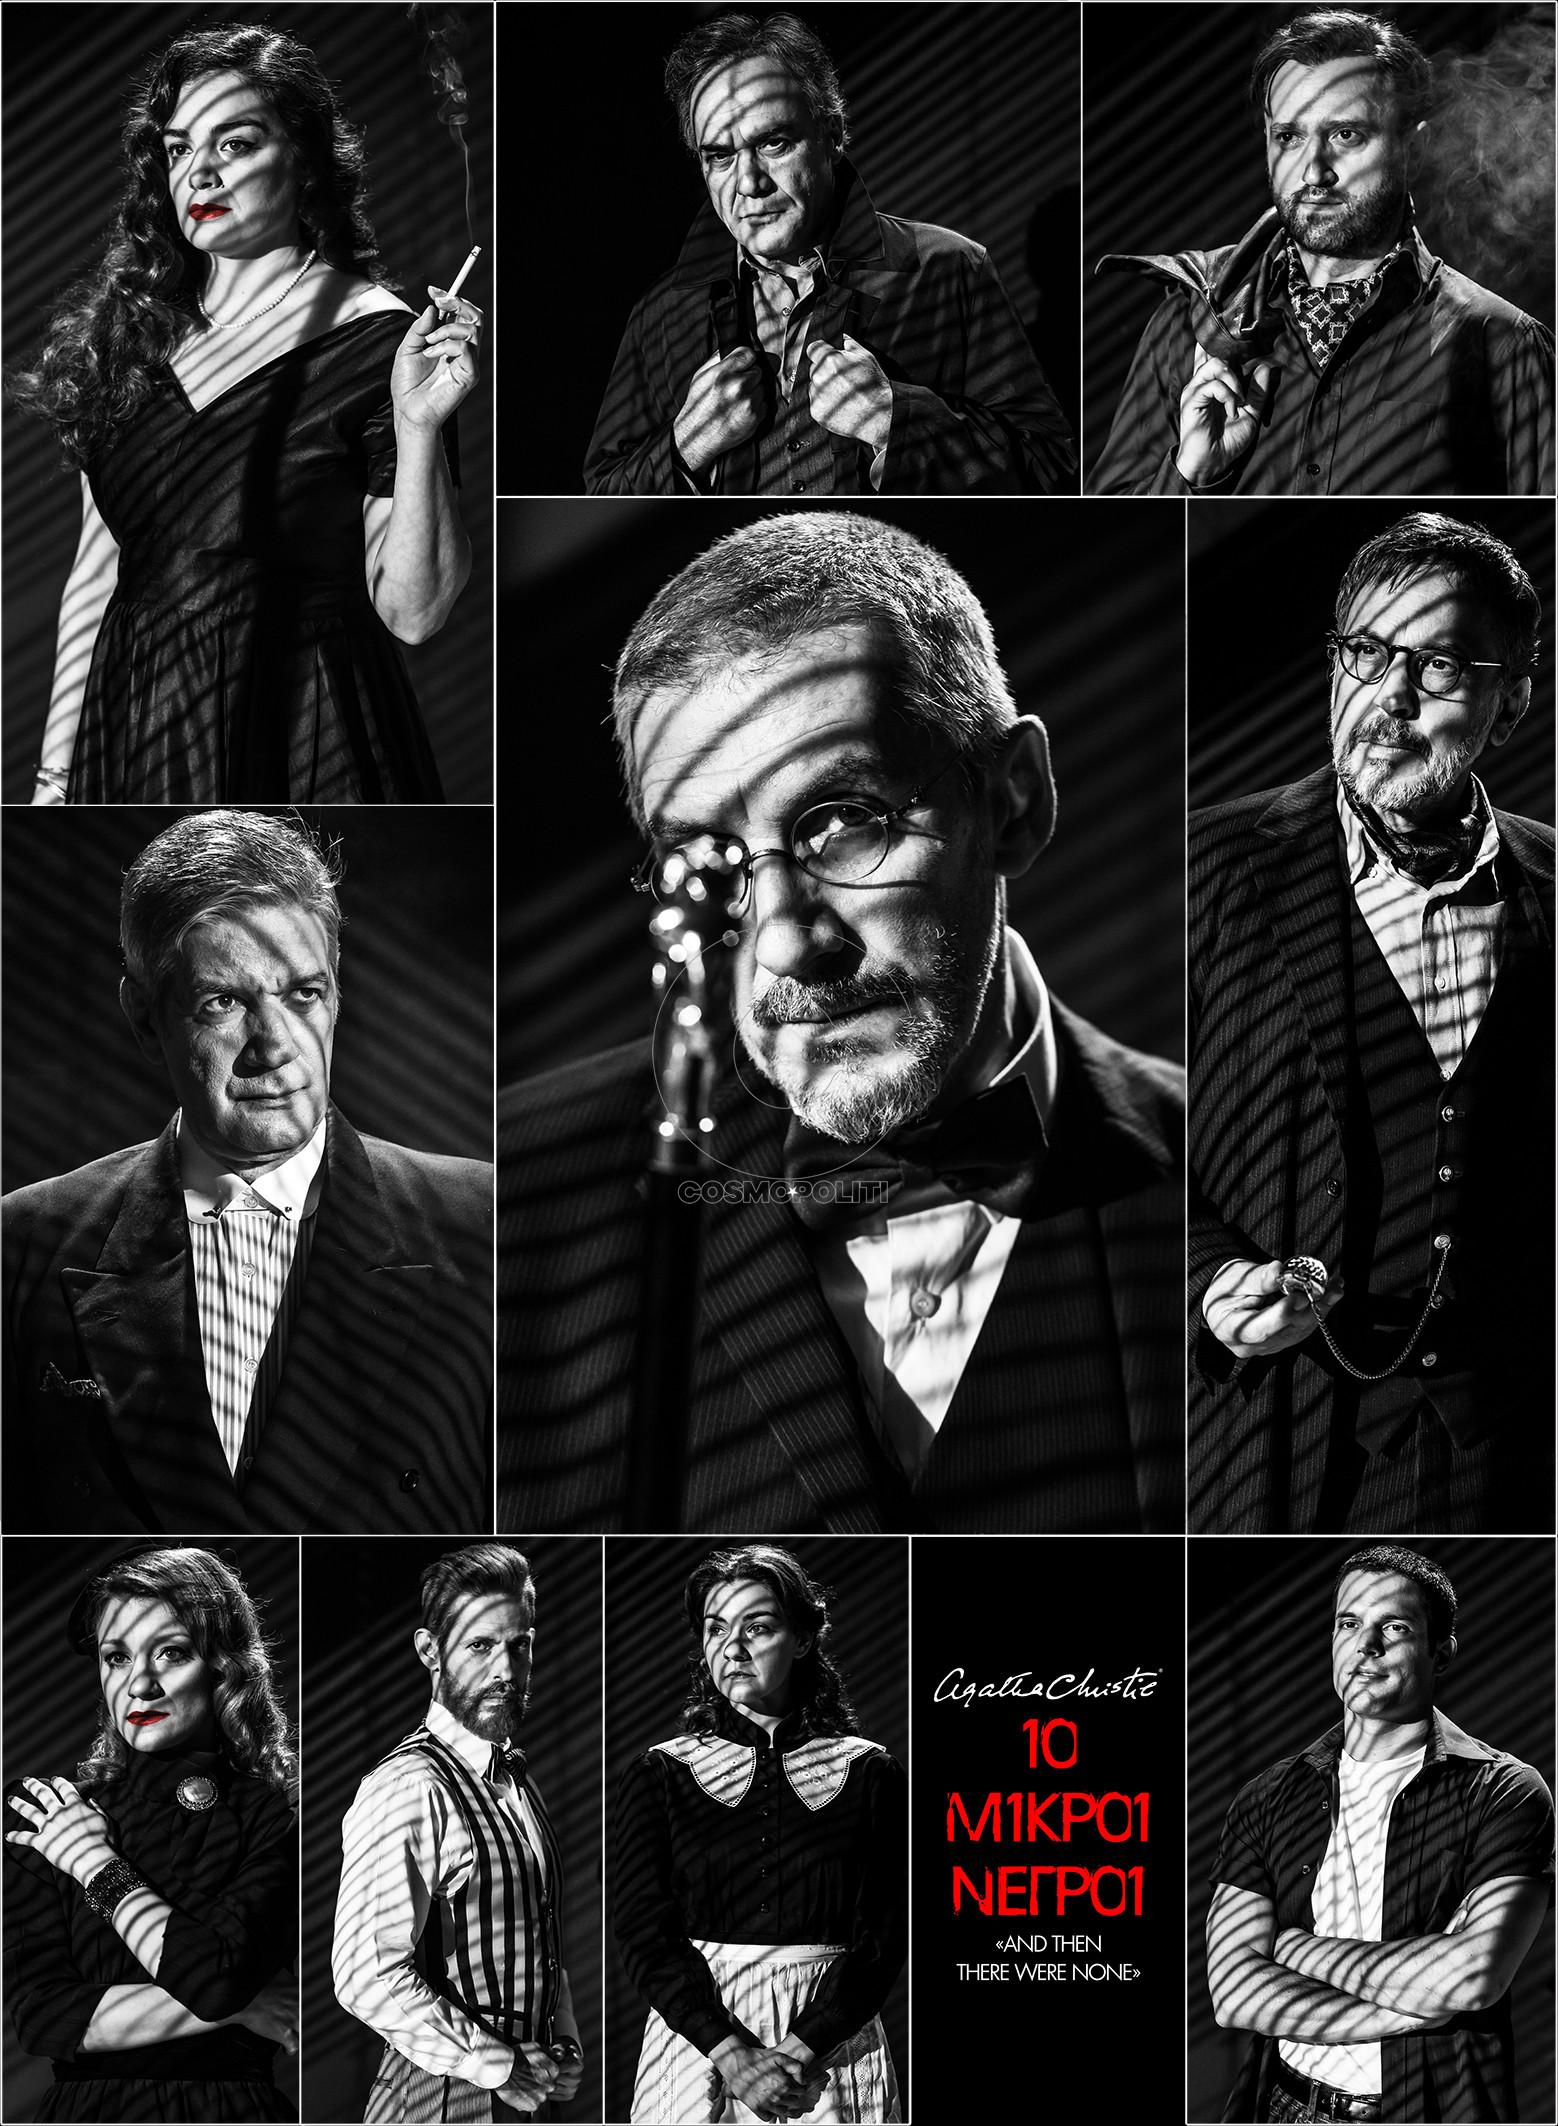 10 Mikroi Negroi Collage 1